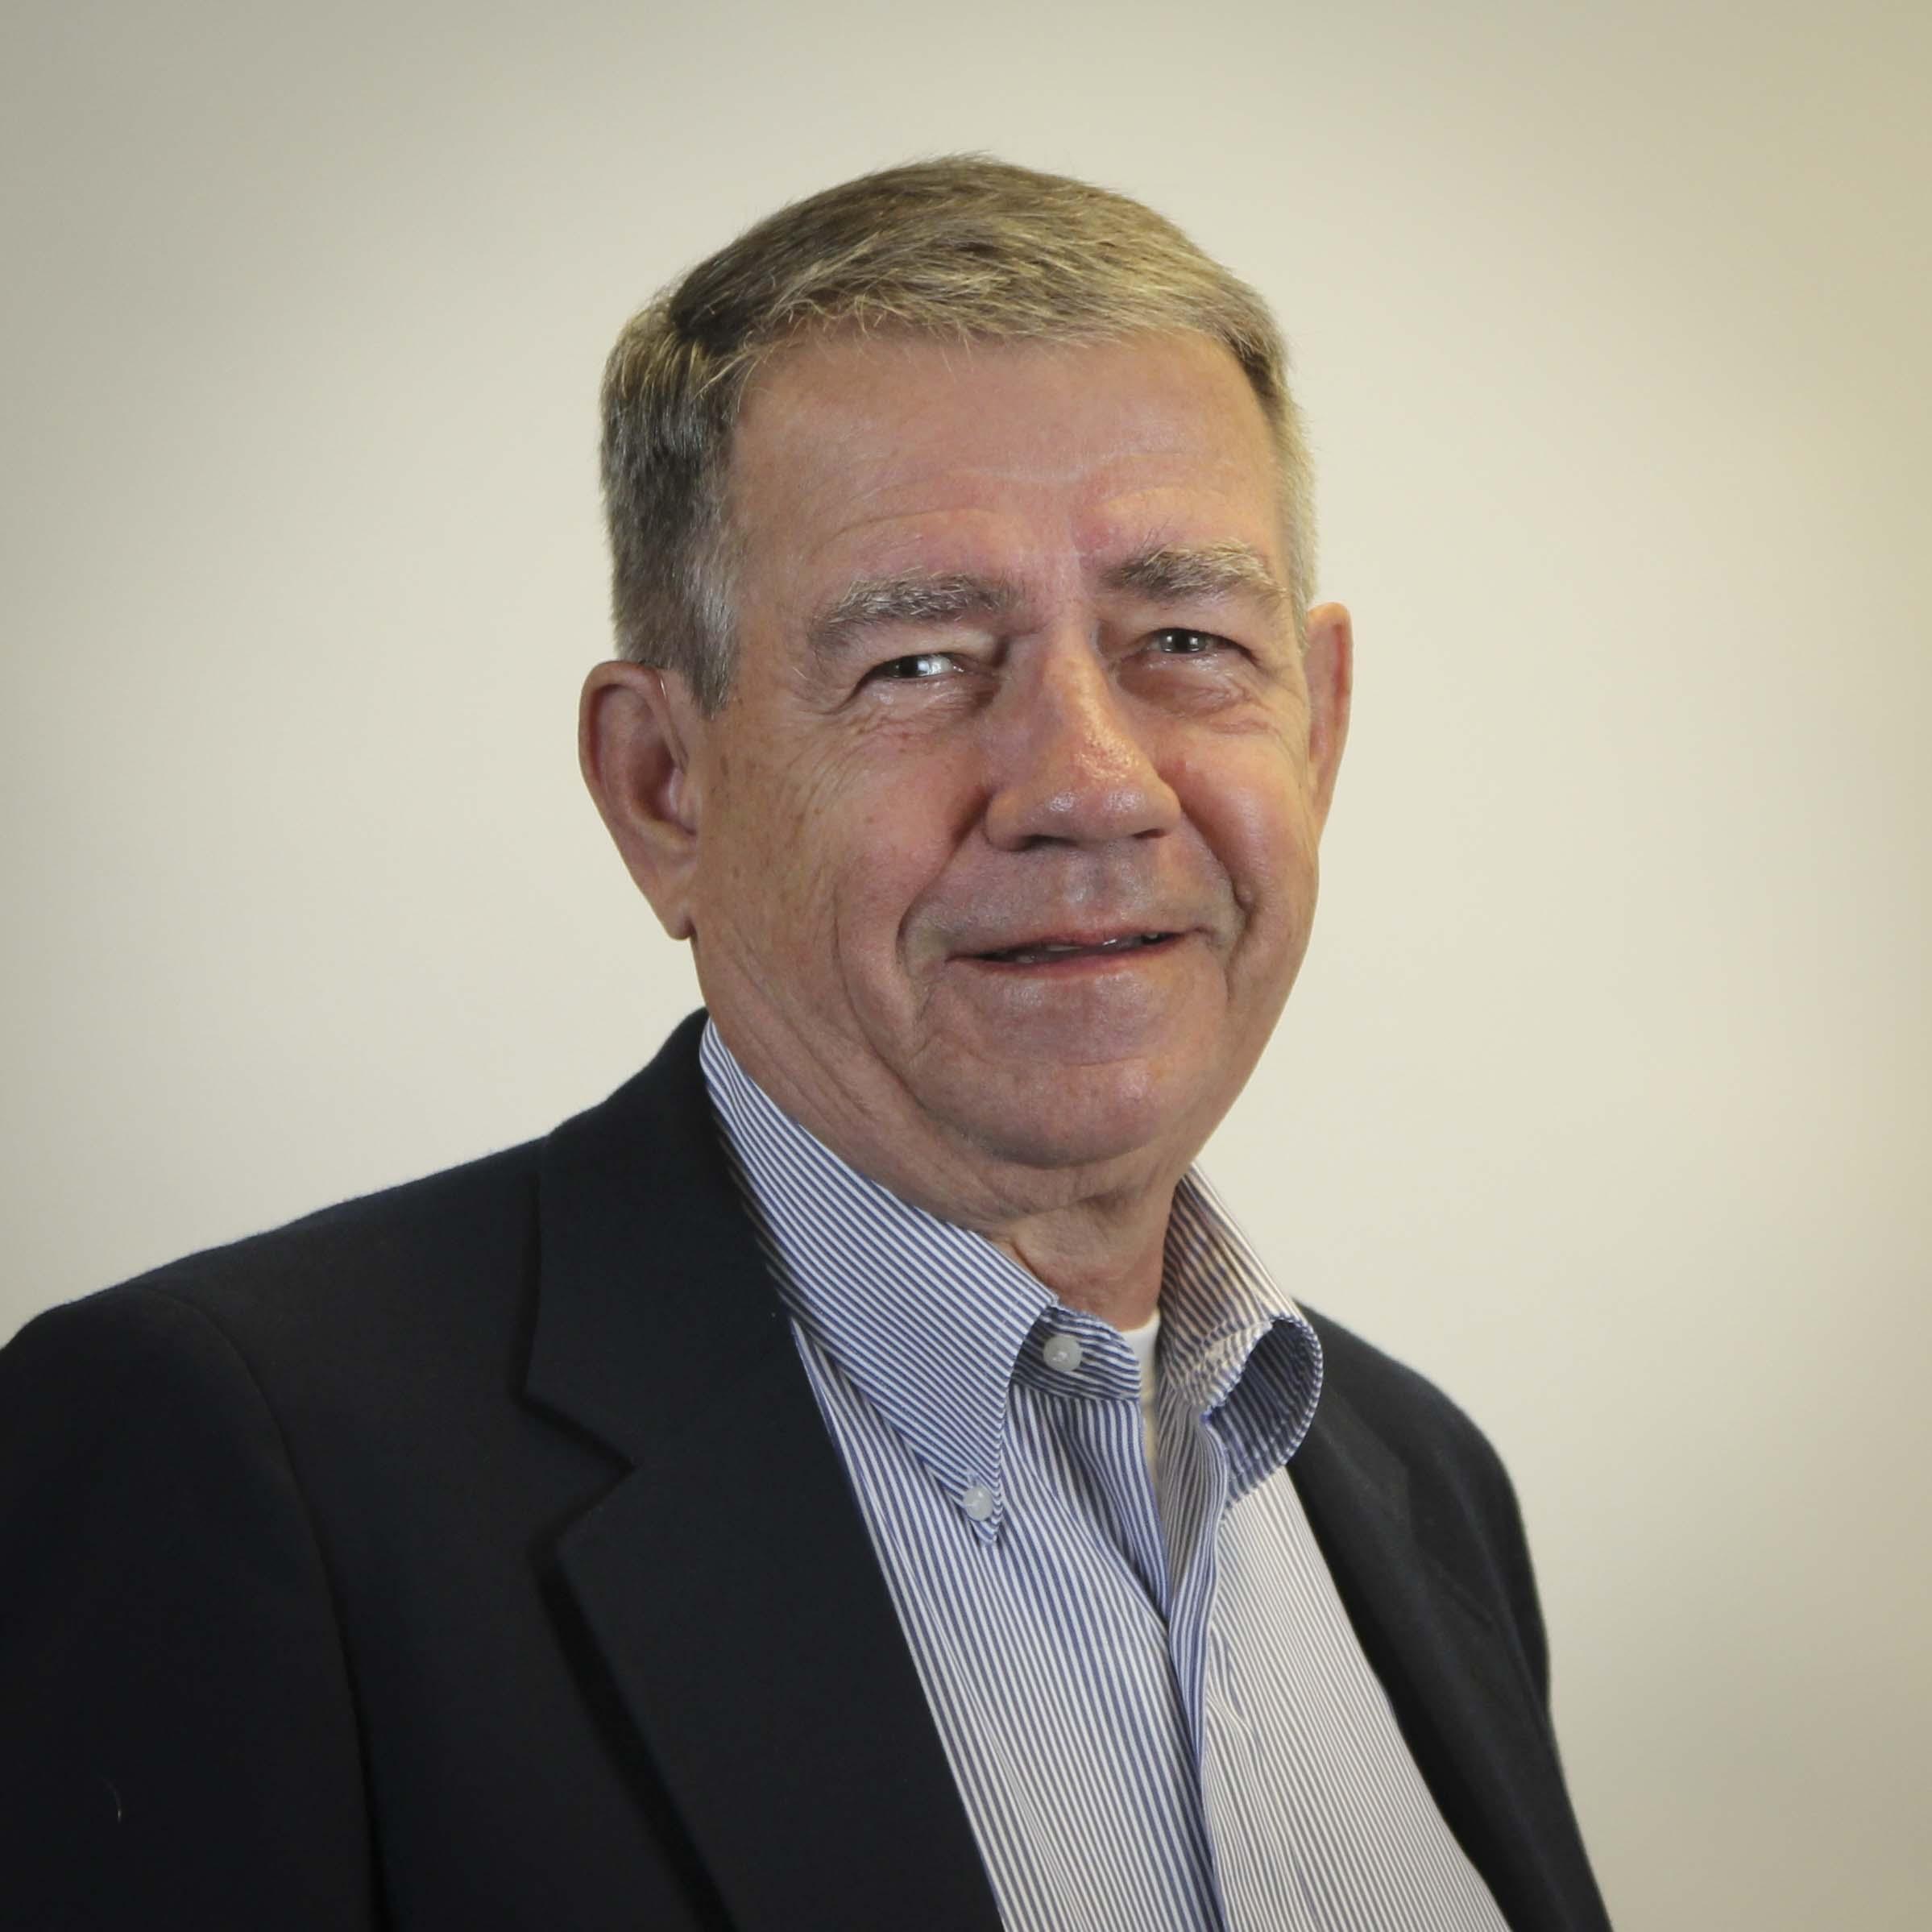 Richard Jozwiakowski